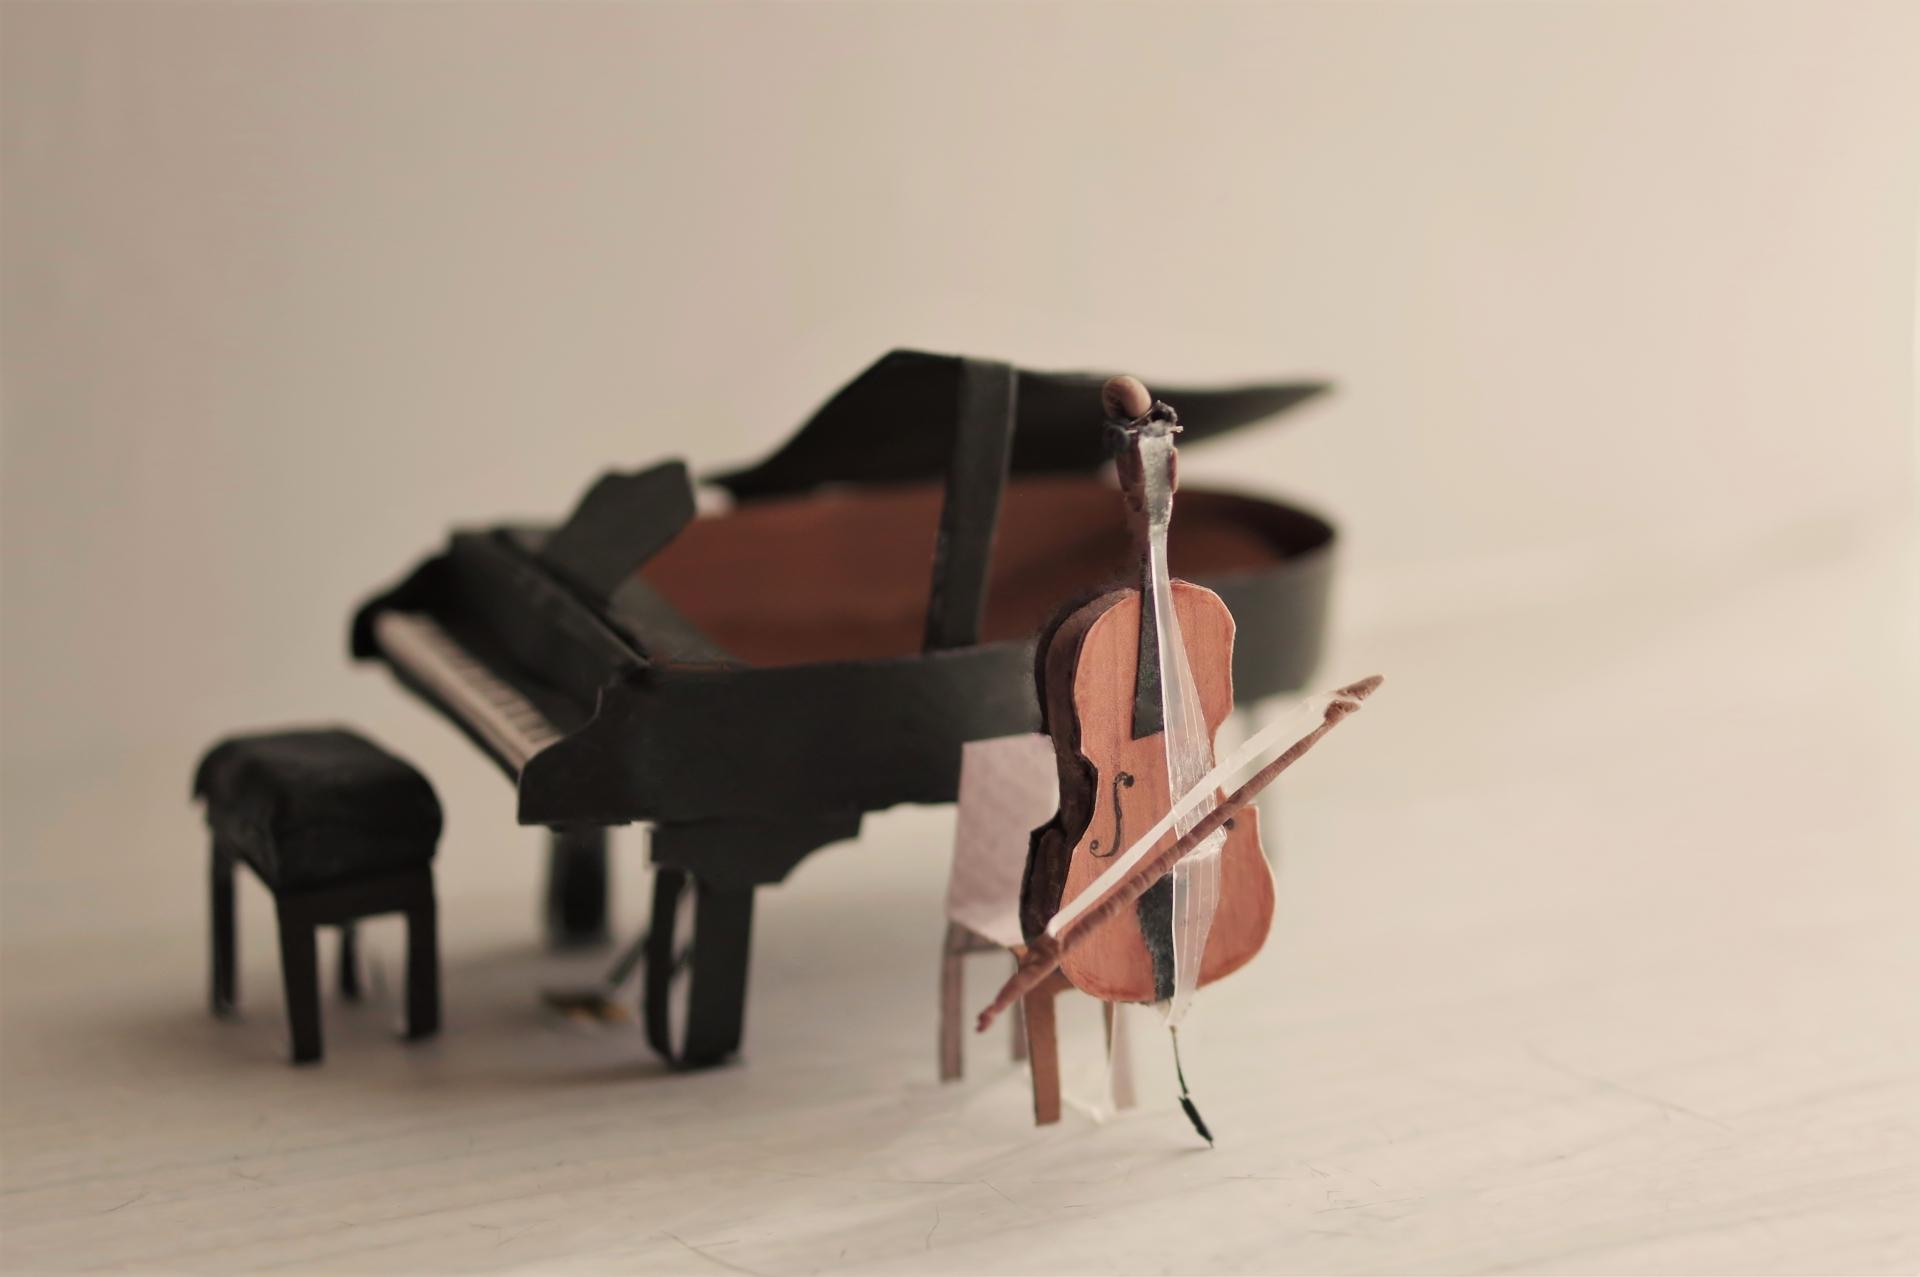 ピアノカフェ伊勢治「フィドラー演奏会」